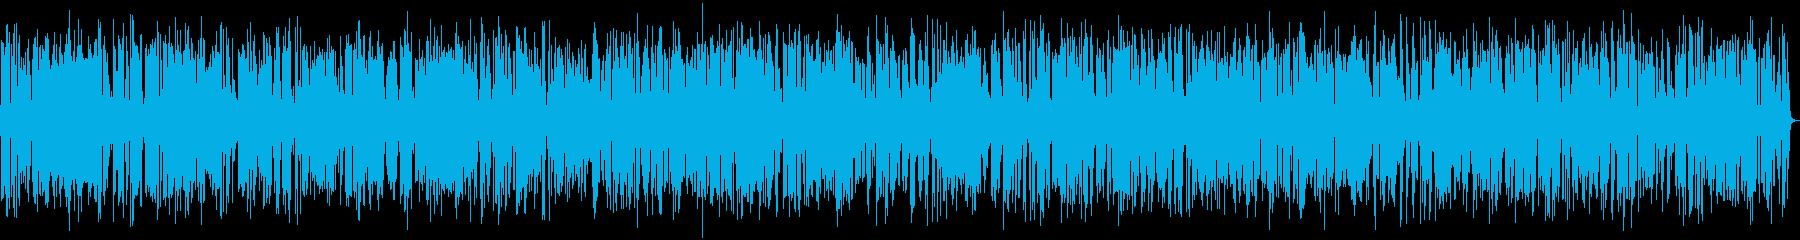 夜のジャズバー風ジャズピアノトリオ17分の再生済みの波形